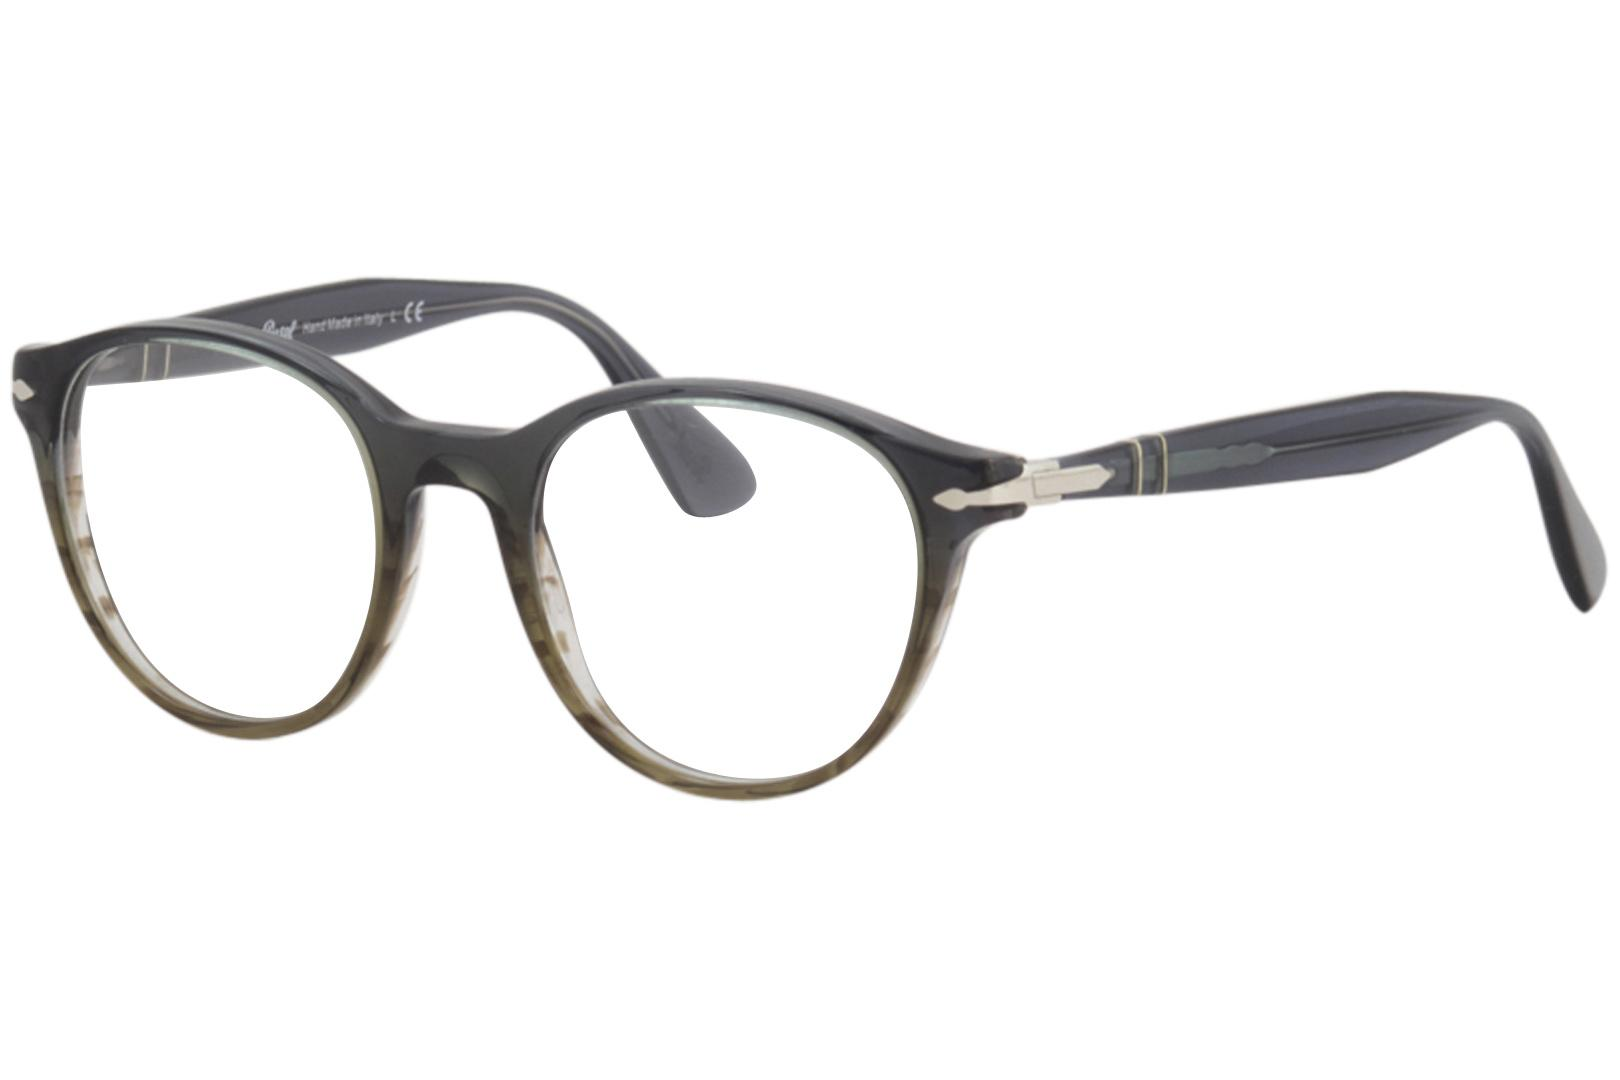 af93d84f6f Persol Men s Eyeglasses PO3153V PO 3153 V Full Rim Optical Frame